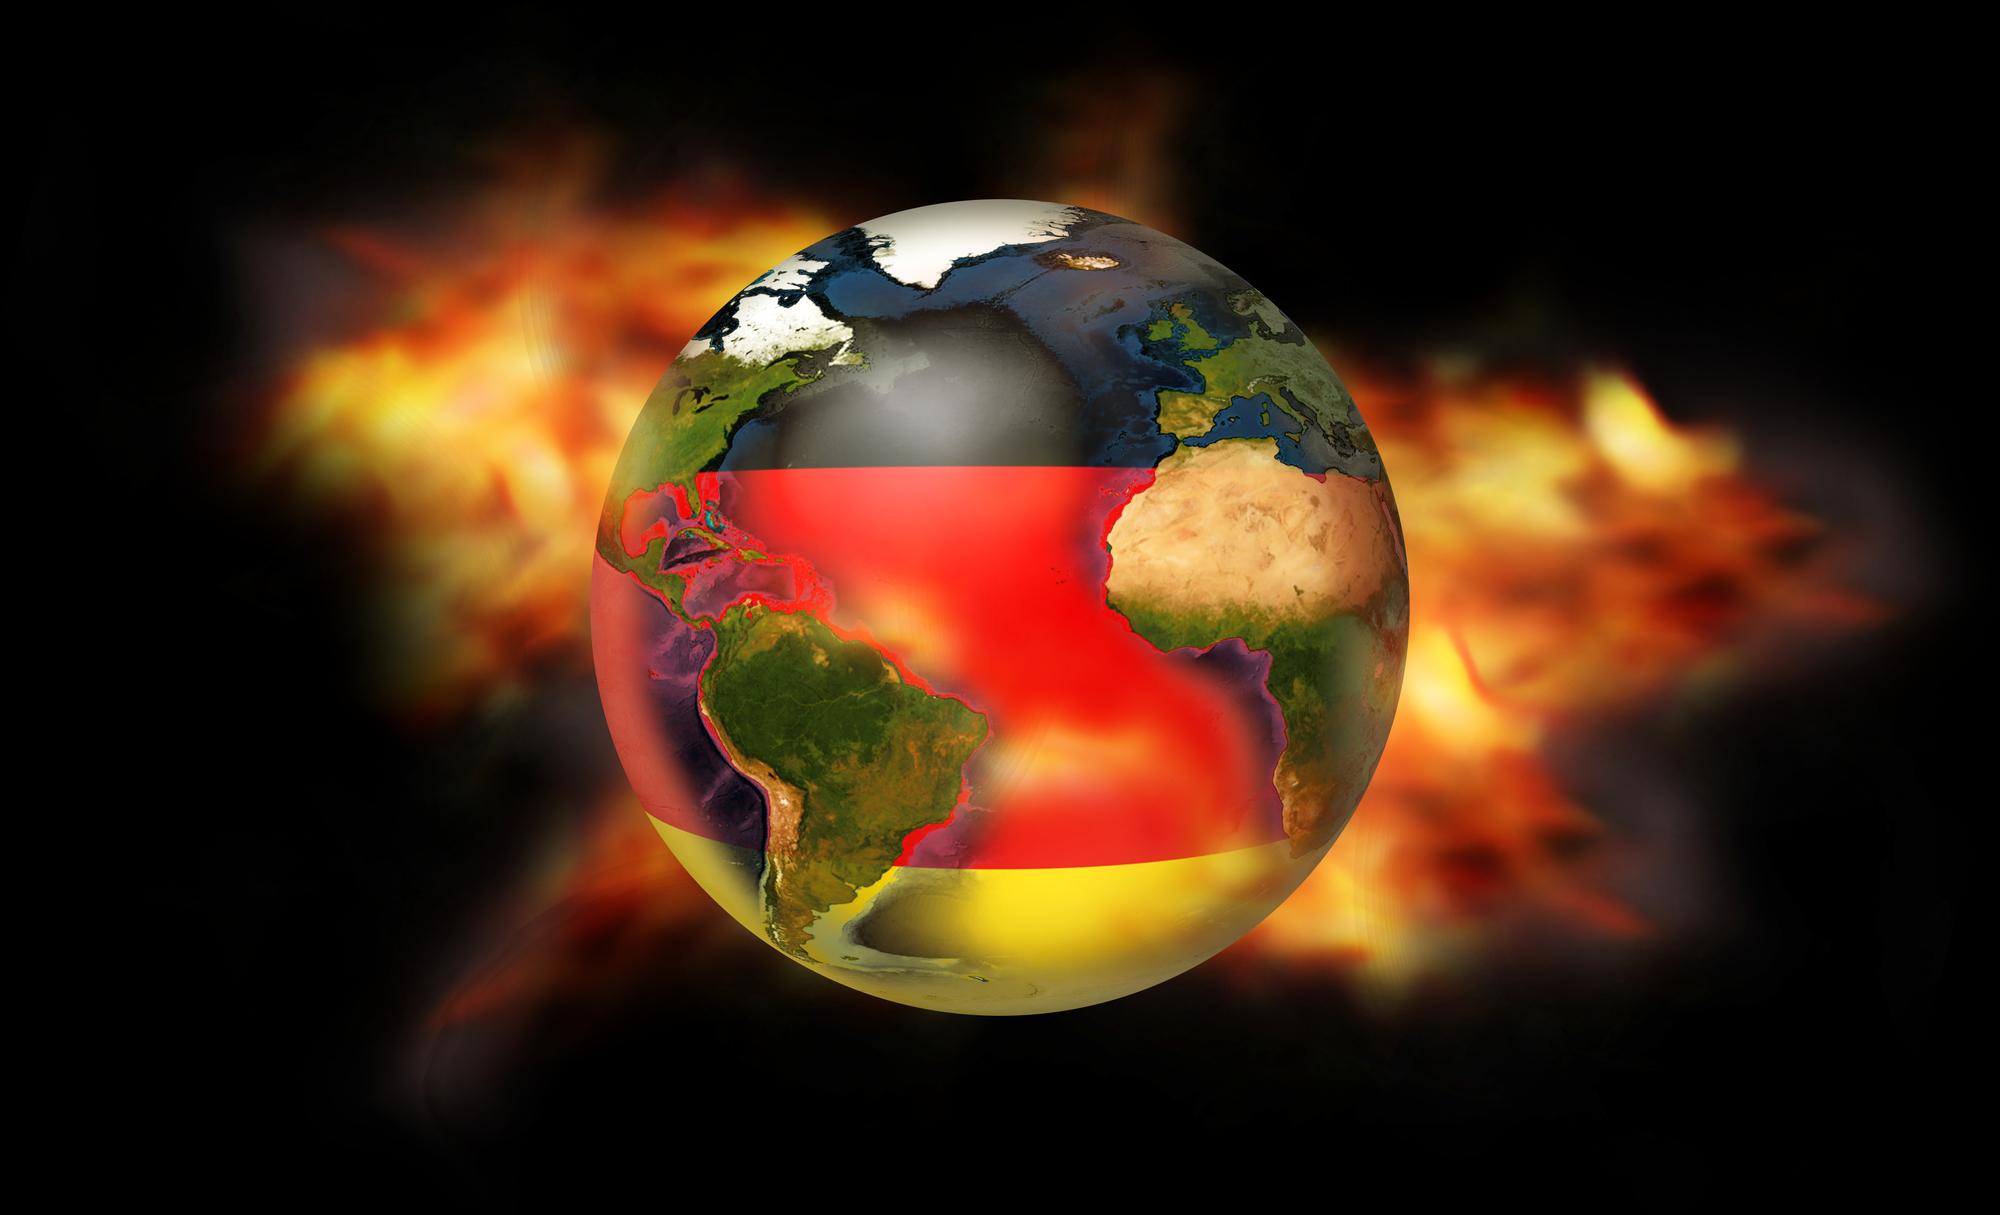 不穏!!世界の破たんは「金」と「領土争い」から起きている。